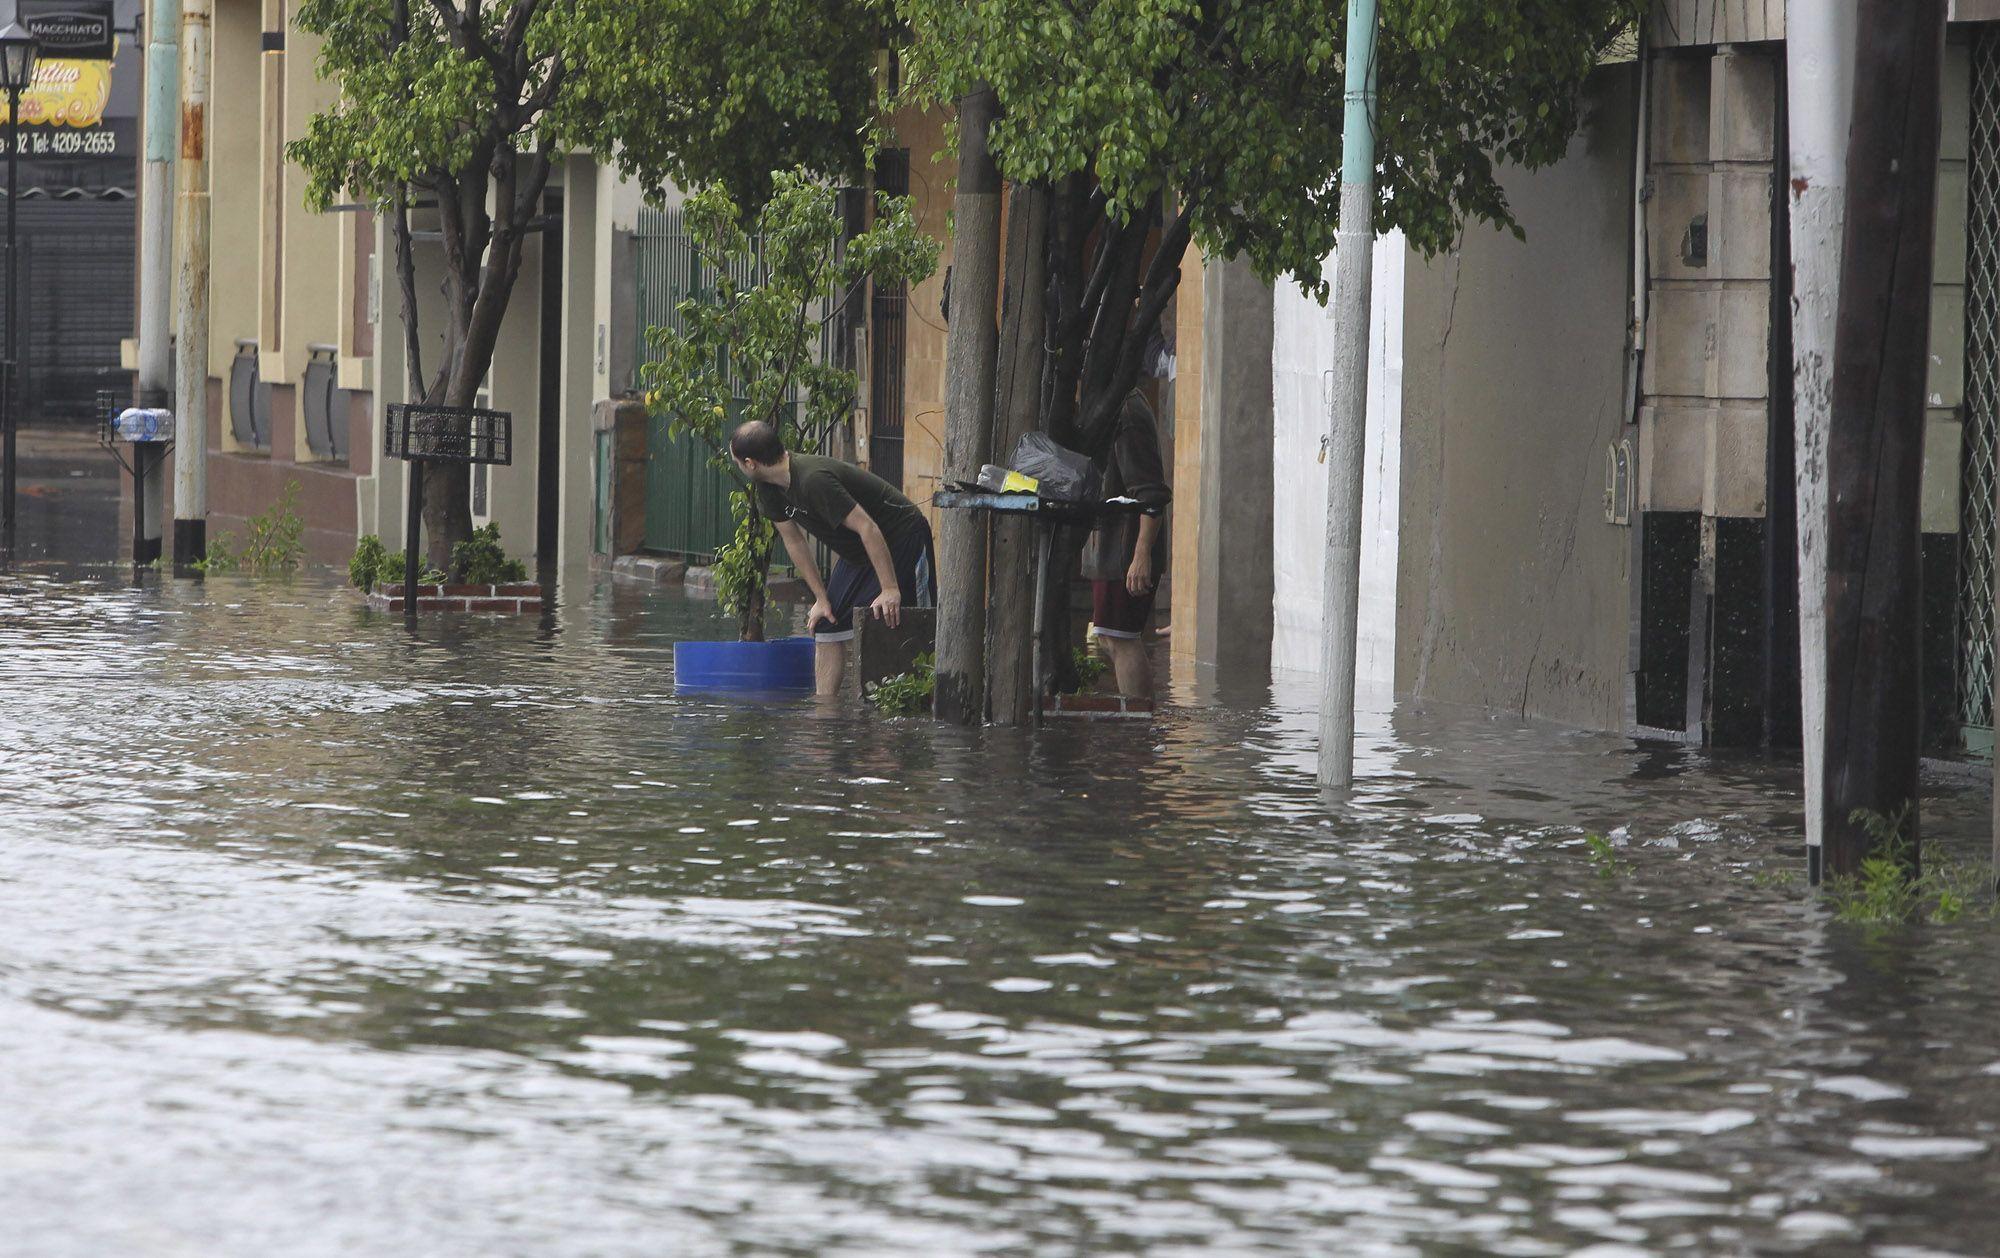 Inundaciones: más de 1.600 evacuados en tierras bonaerenses por los desbordes de ríos